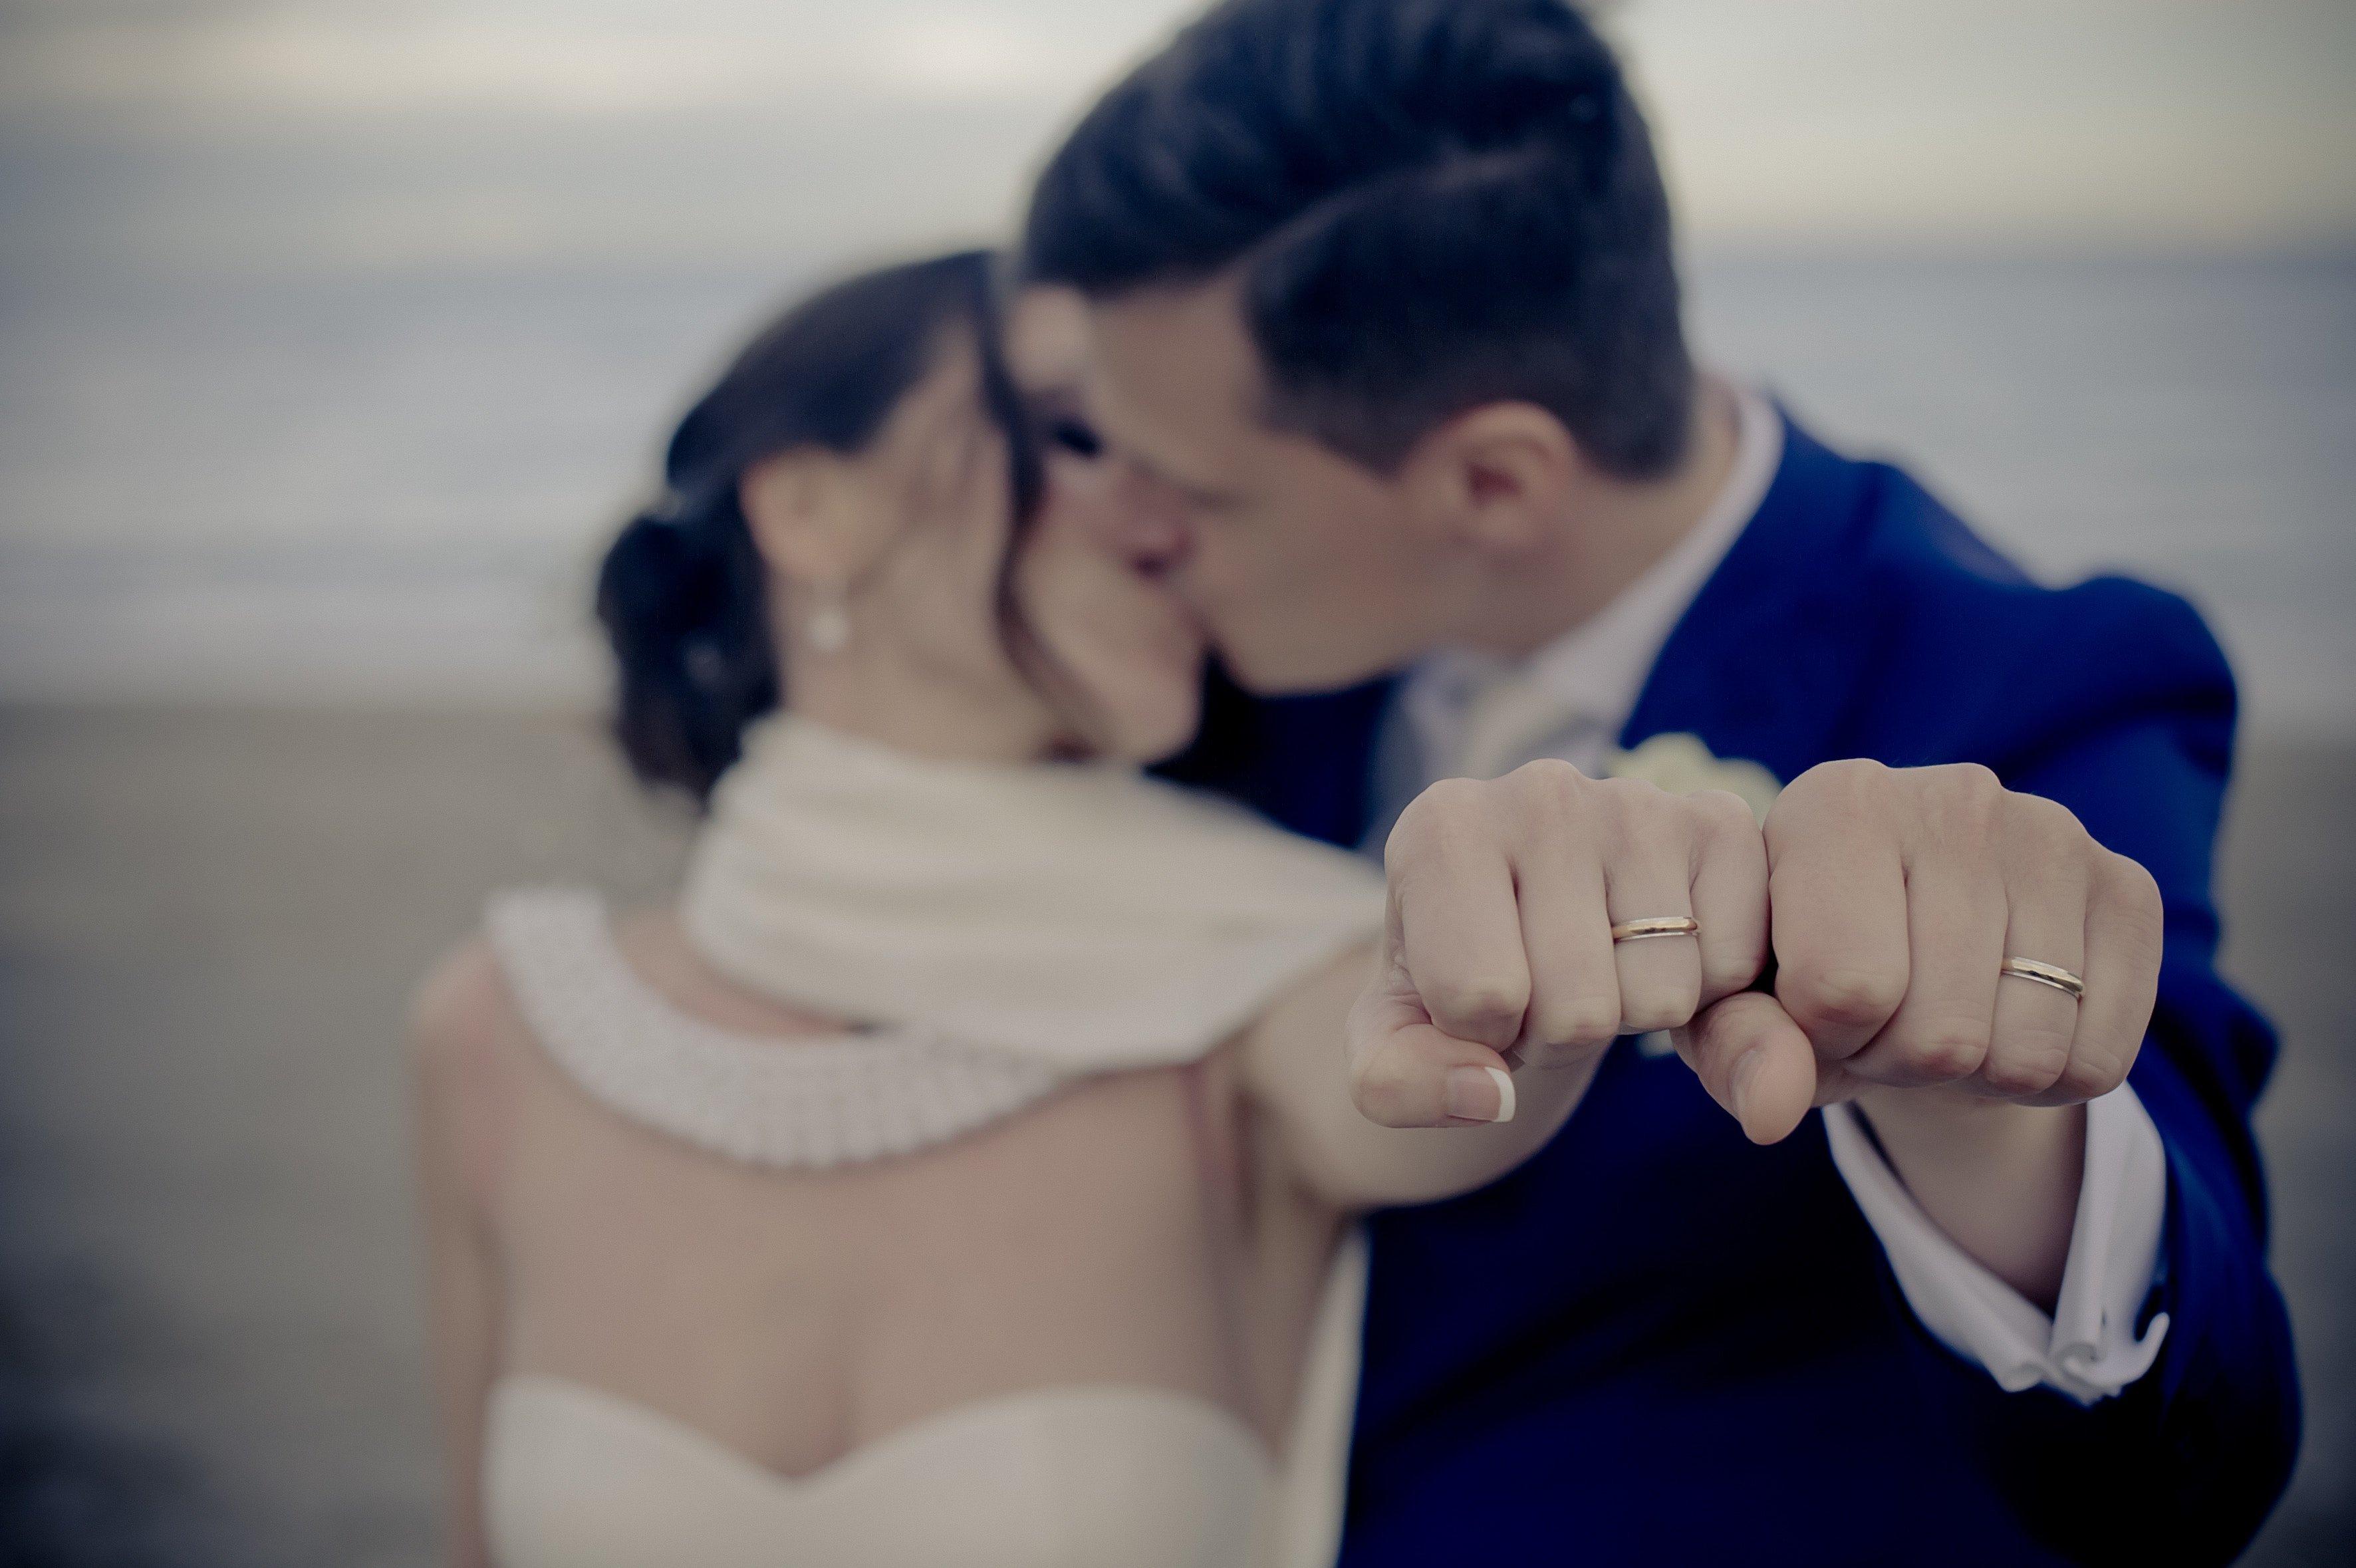 alfonso lorenzetto 703636 unsplash.jpg?resize=636,358 - Estudo revela quanto tempo um namoro deve durar para que o casamento DÊ CERTO